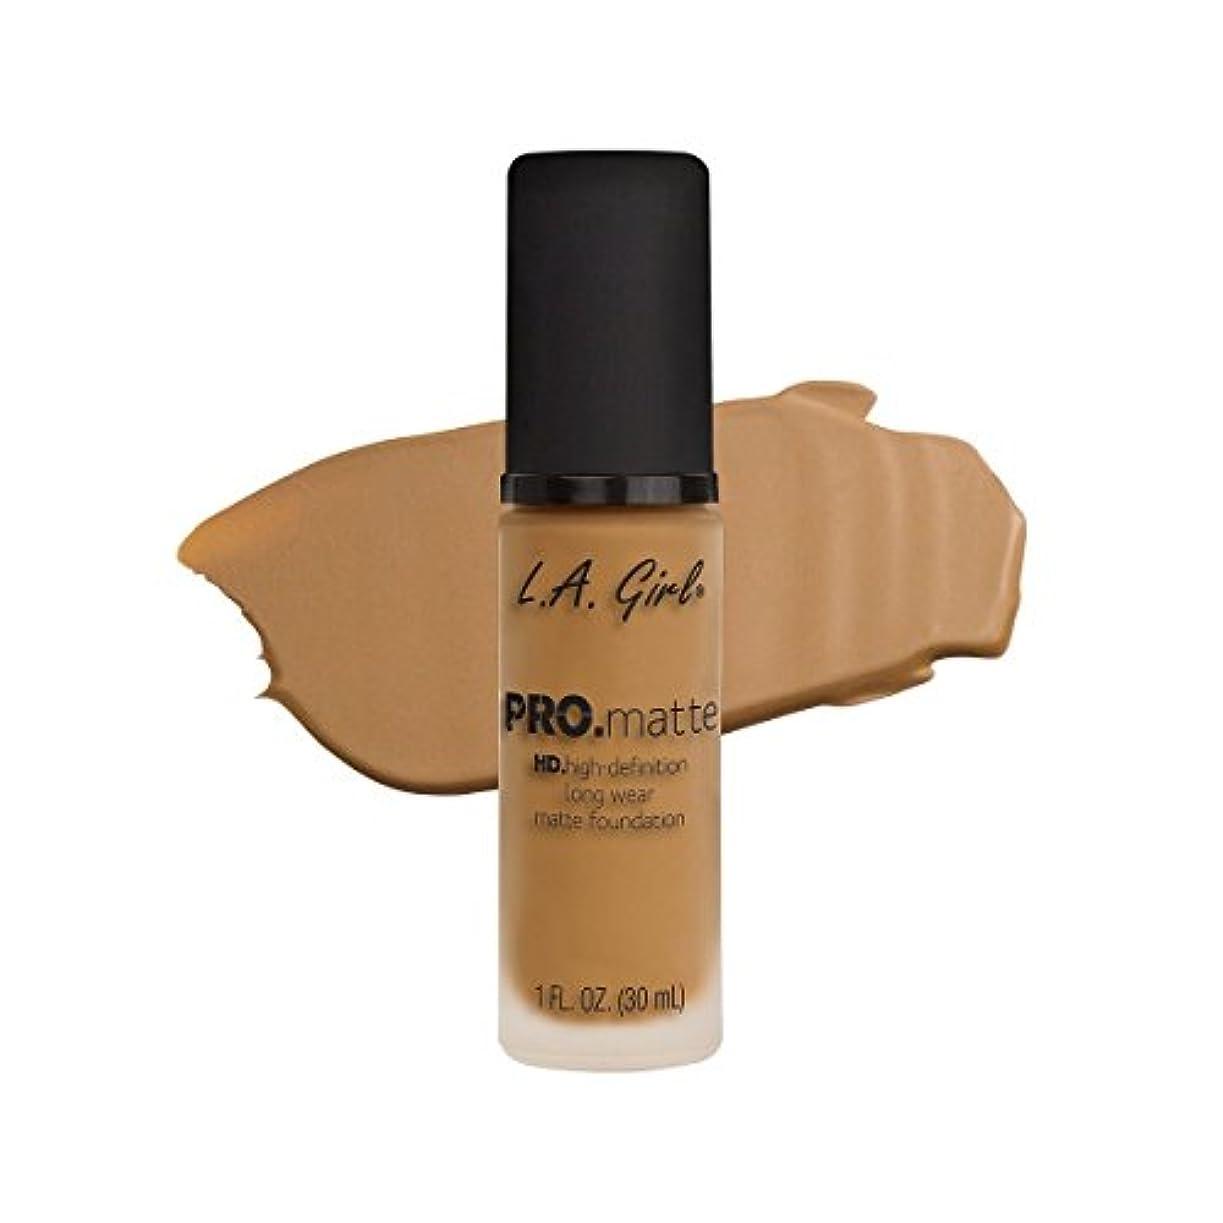 スカーフ震える北米(3 Pack) L.A. GIRL Pro Matte Foundation - Sand (並行輸入品)